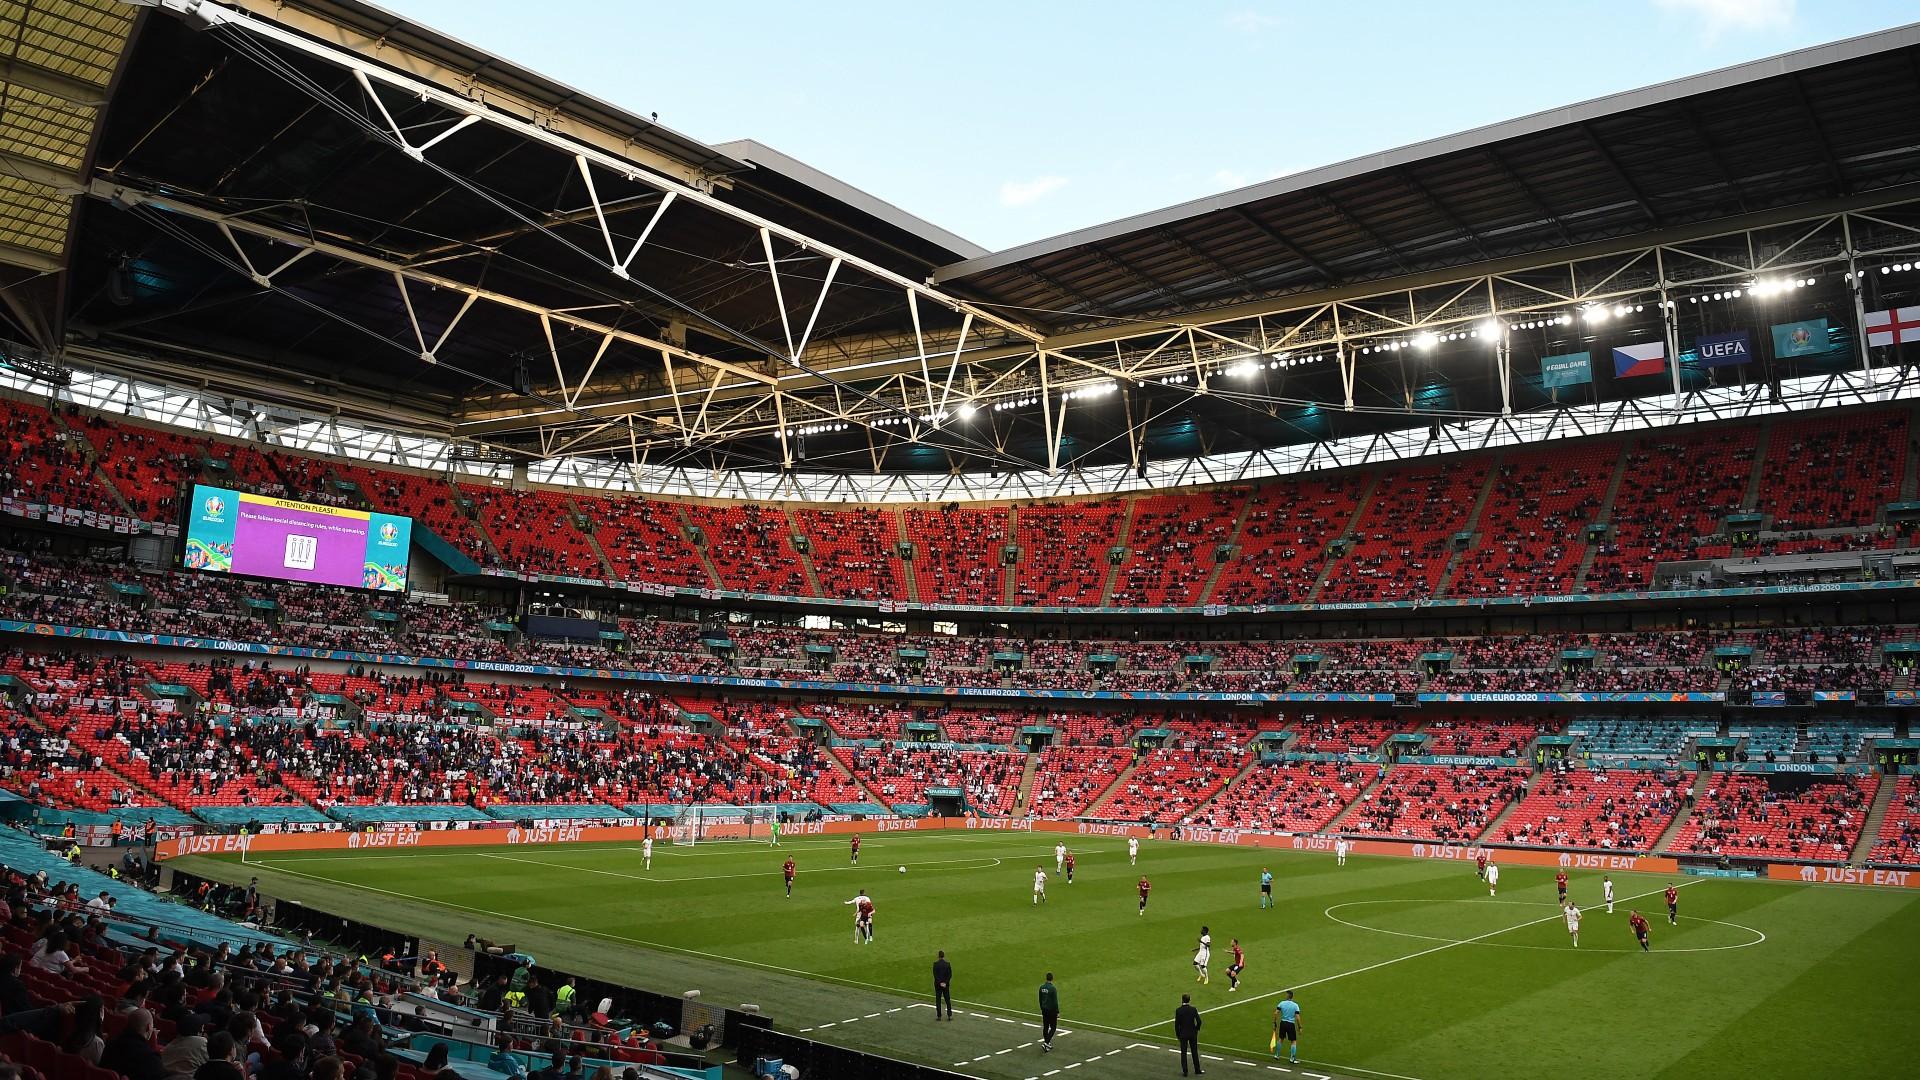 Pese al COVID-19, Semifinal y Final de la Eurocopa recibirán a 60 mil aficionados en el Estadio de Wembley